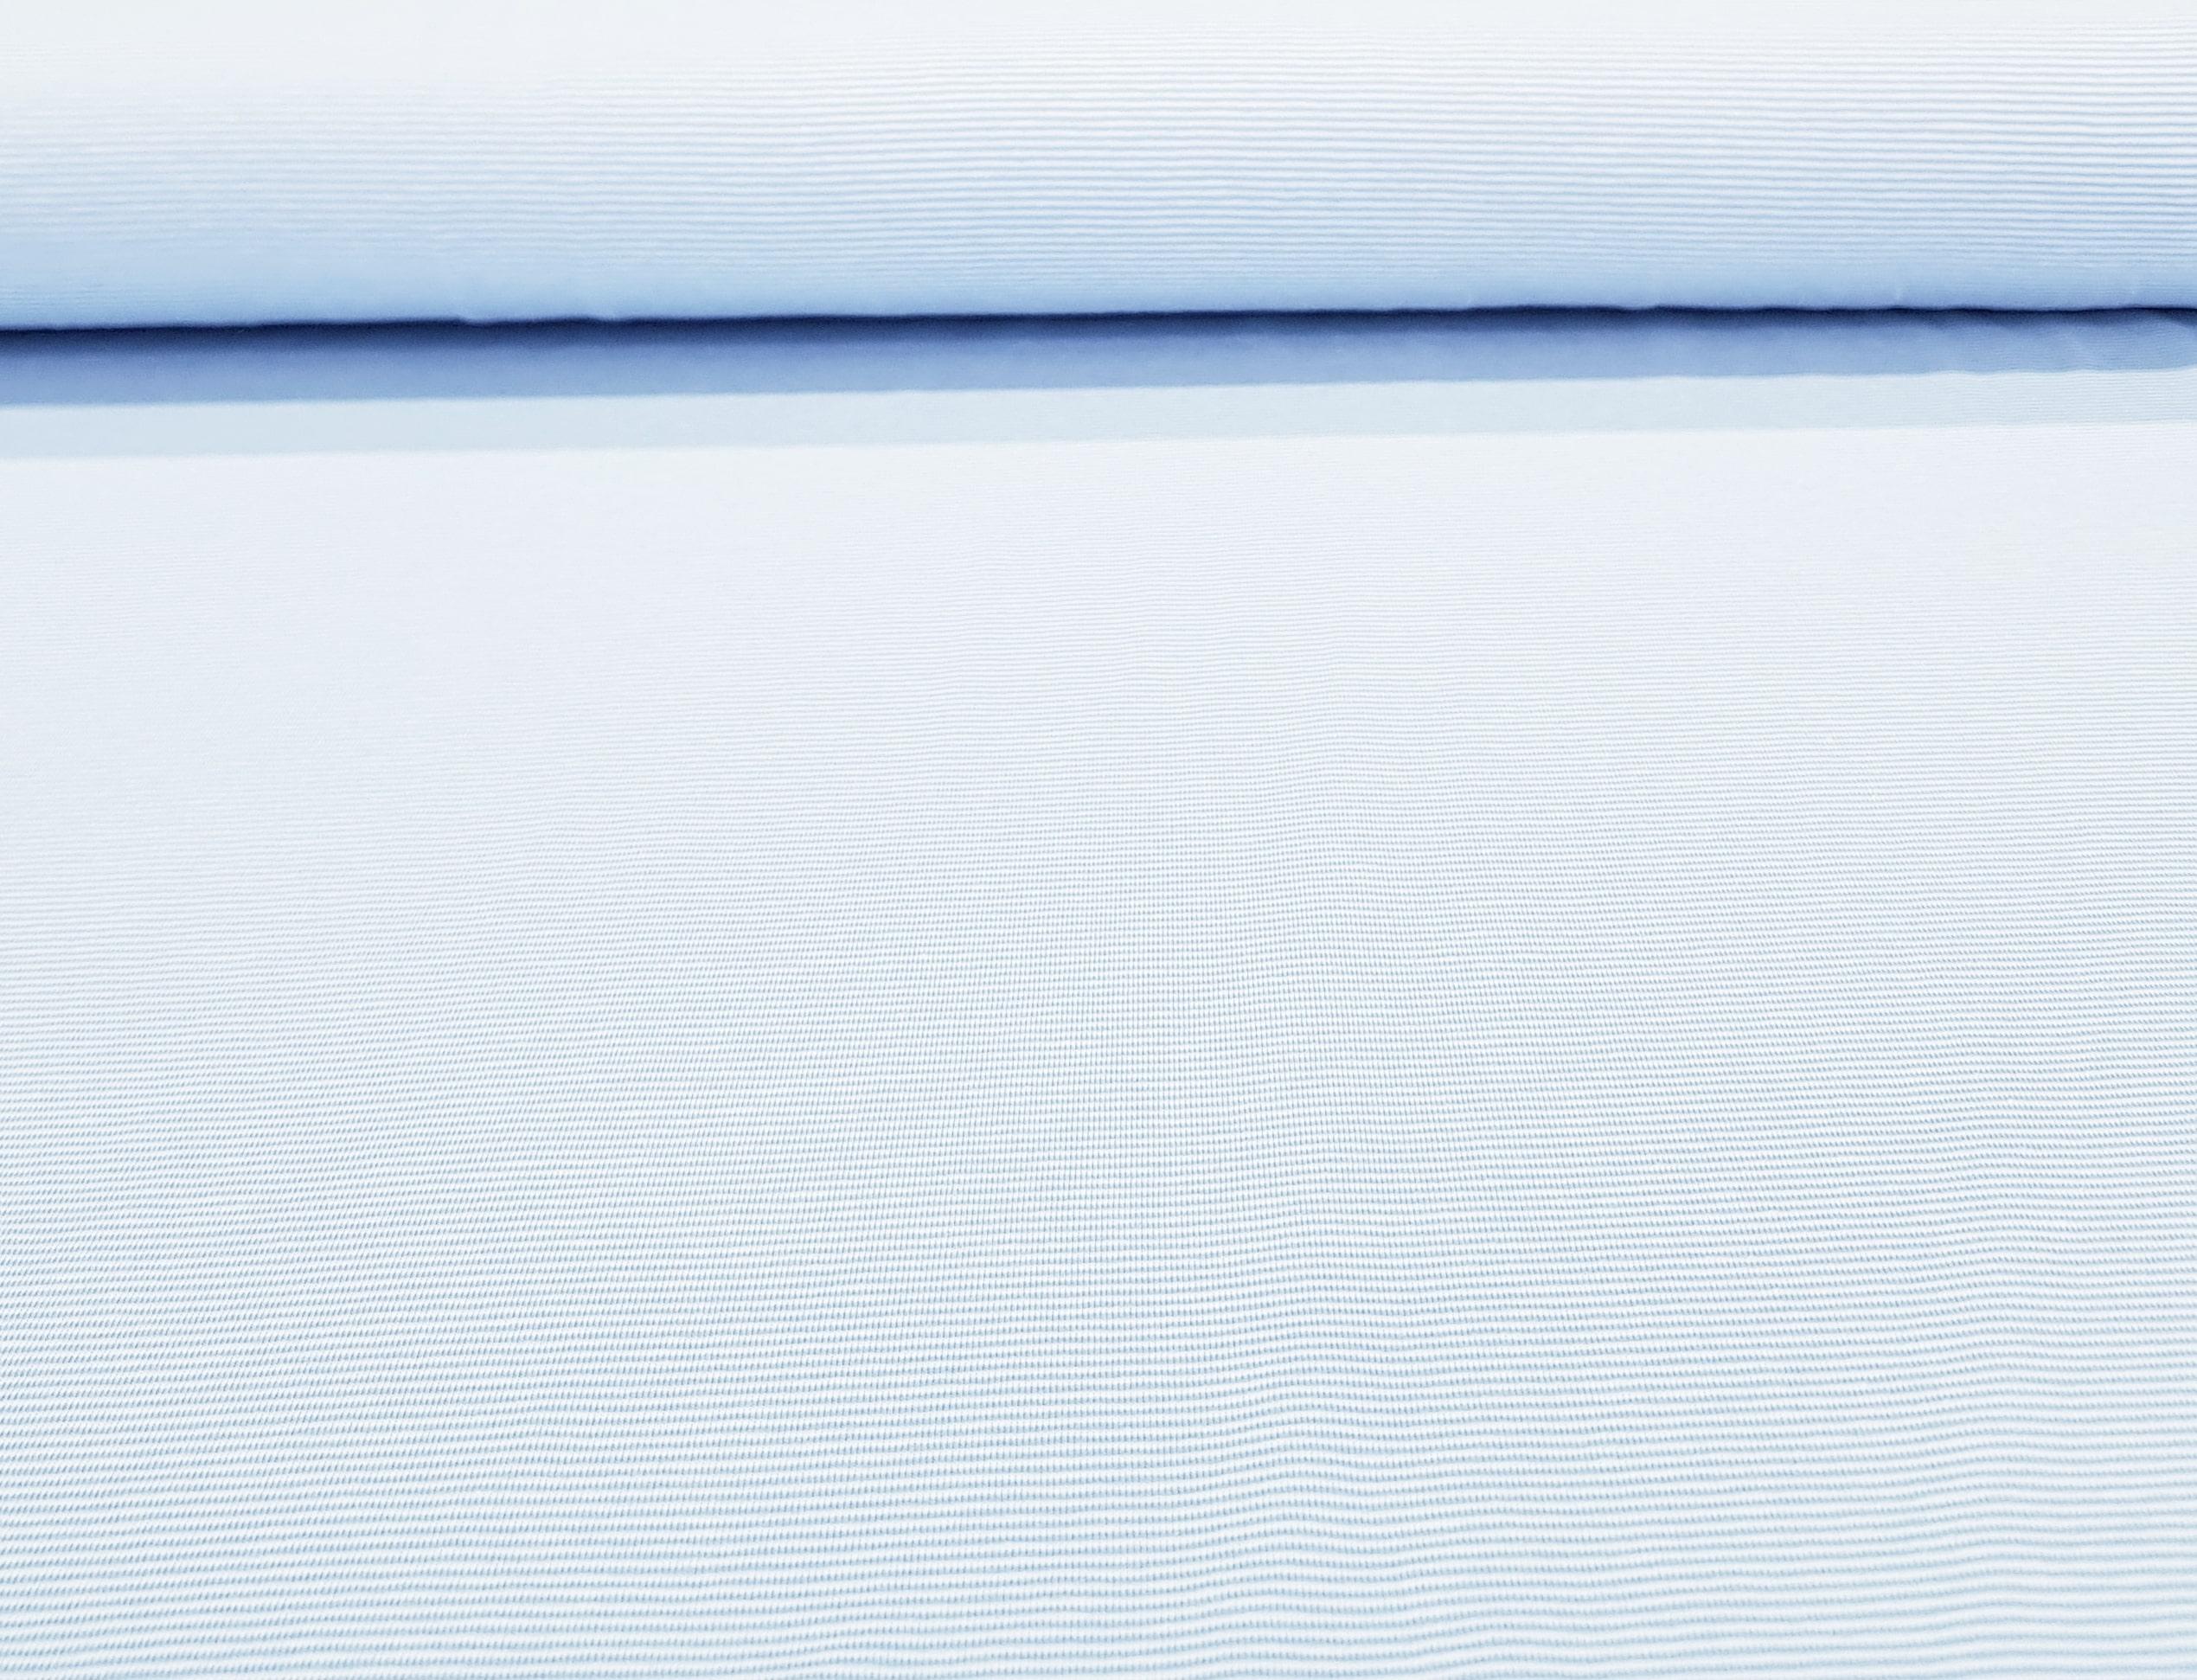 kindertricotfijngestreeptlichtblauw-min